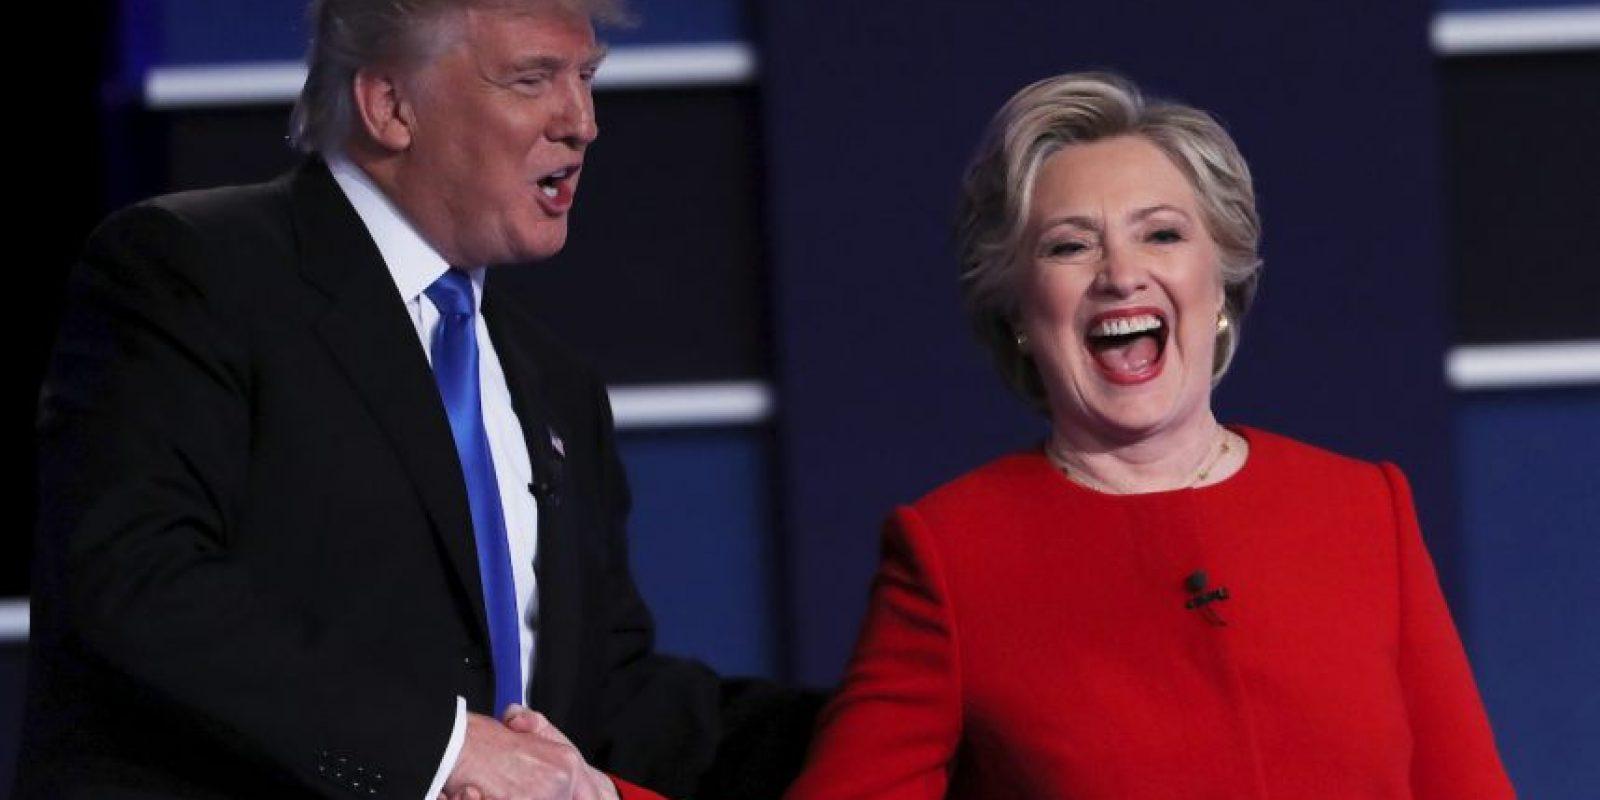 Esta noche se realizó el primer debate entre Hillary Clinton y Donald Trump Foto:Getty Images